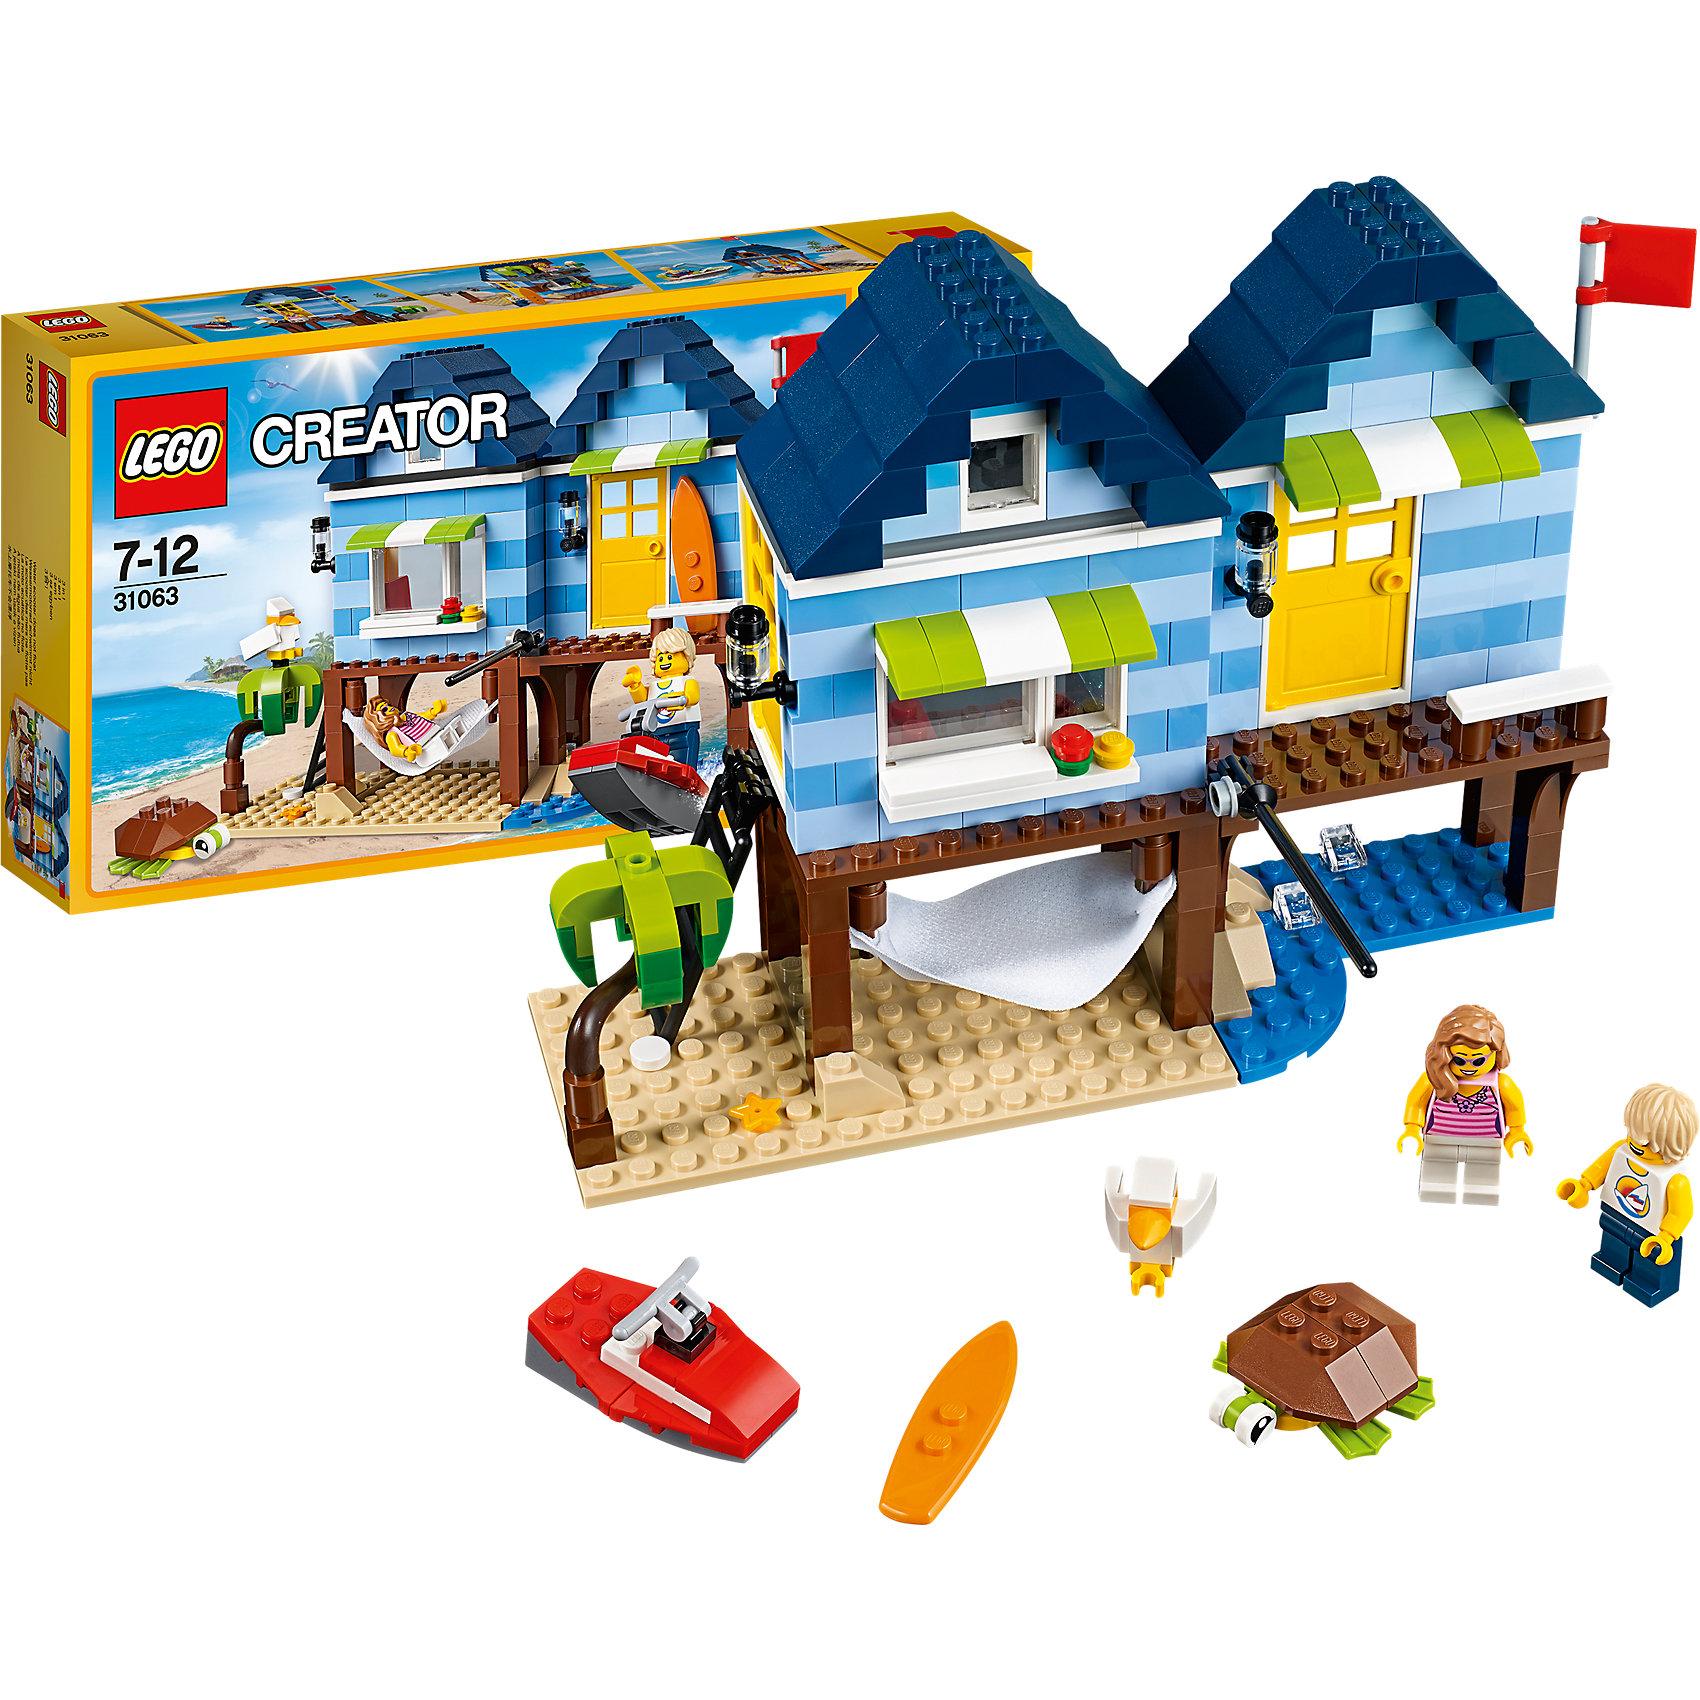 LEGO Creator 31063: Отпуск у моряПластмассовые конструкторы<br>LEGO Creator 31063: Отпуск у моря<br><br>Характеристики:<br><br>- в набор входит: детали для дома и катера, 2 минифигурки, аксессуары, красочная инструкция<br>- состав: пластик<br>- количество деталей: 275<br>- размер пляжного дома: 27 * 11 * 18 см.<br>- размер бухты: 16 * 9 * 14 см.<br>- размер магазина: 27 * 11 * 18 см.<br>- для детей в возрасте: от 7 до 12 лет<br>- Страна производитель: Дания/Китай/Чехия<br><br>Легендарный конструктор LEGO (ЛЕГО) представляет серию «Creator» (Криэйтор), которая позволяет детям экспериментировать с домами, машинами, самолетами и существами. Каждый набор этой серии подразумевает перестройку тремя разными способами убирая ограничения веселья! Набор Отпуск у моря придет по вкусу каждому поклоннику конструктора. Шикарный складывающийся домик у моря имеет все необходимое для лучшего отдыха. Пальма, морская черепаха, райская птичка, гамак, катер и доска для серфинга. Специальные детали домика, такие как наружные светильники, козырьки над окном и дверью, вентилятор и аквариум с рыбкой добавляют уюта и реалистичности. Дом можно перестроить в магазинчик на берегу и парусную лодку. А можно построить вместо этого бухту и катер побольше. В набор входит минифигурка девушки и минифигурка юноши. Каждая минифигурка отлично проработана и у них есть по два выражения лица. Играя с конструктором ребенок развивает моторику рук, воображение и логическое мышление, научится собирать по инструкции и создавать свои модели. Придумывайте новые игры с набором LEGO «Creator»!<br><br>Конструктор LEGO Creator 31063: Отпуск у моря можно купить в нашем интернет-магазине.<br><br>Ширина мм: 354<br>Глубина мм: 192<br>Высота мм: 63<br>Вес г: 547<br>Возраст от месяцев: 84<br>Возраст до месяцев: 144<br>Пол: Унисекс<br>Возраст: Детский<br>SKU: 5002501